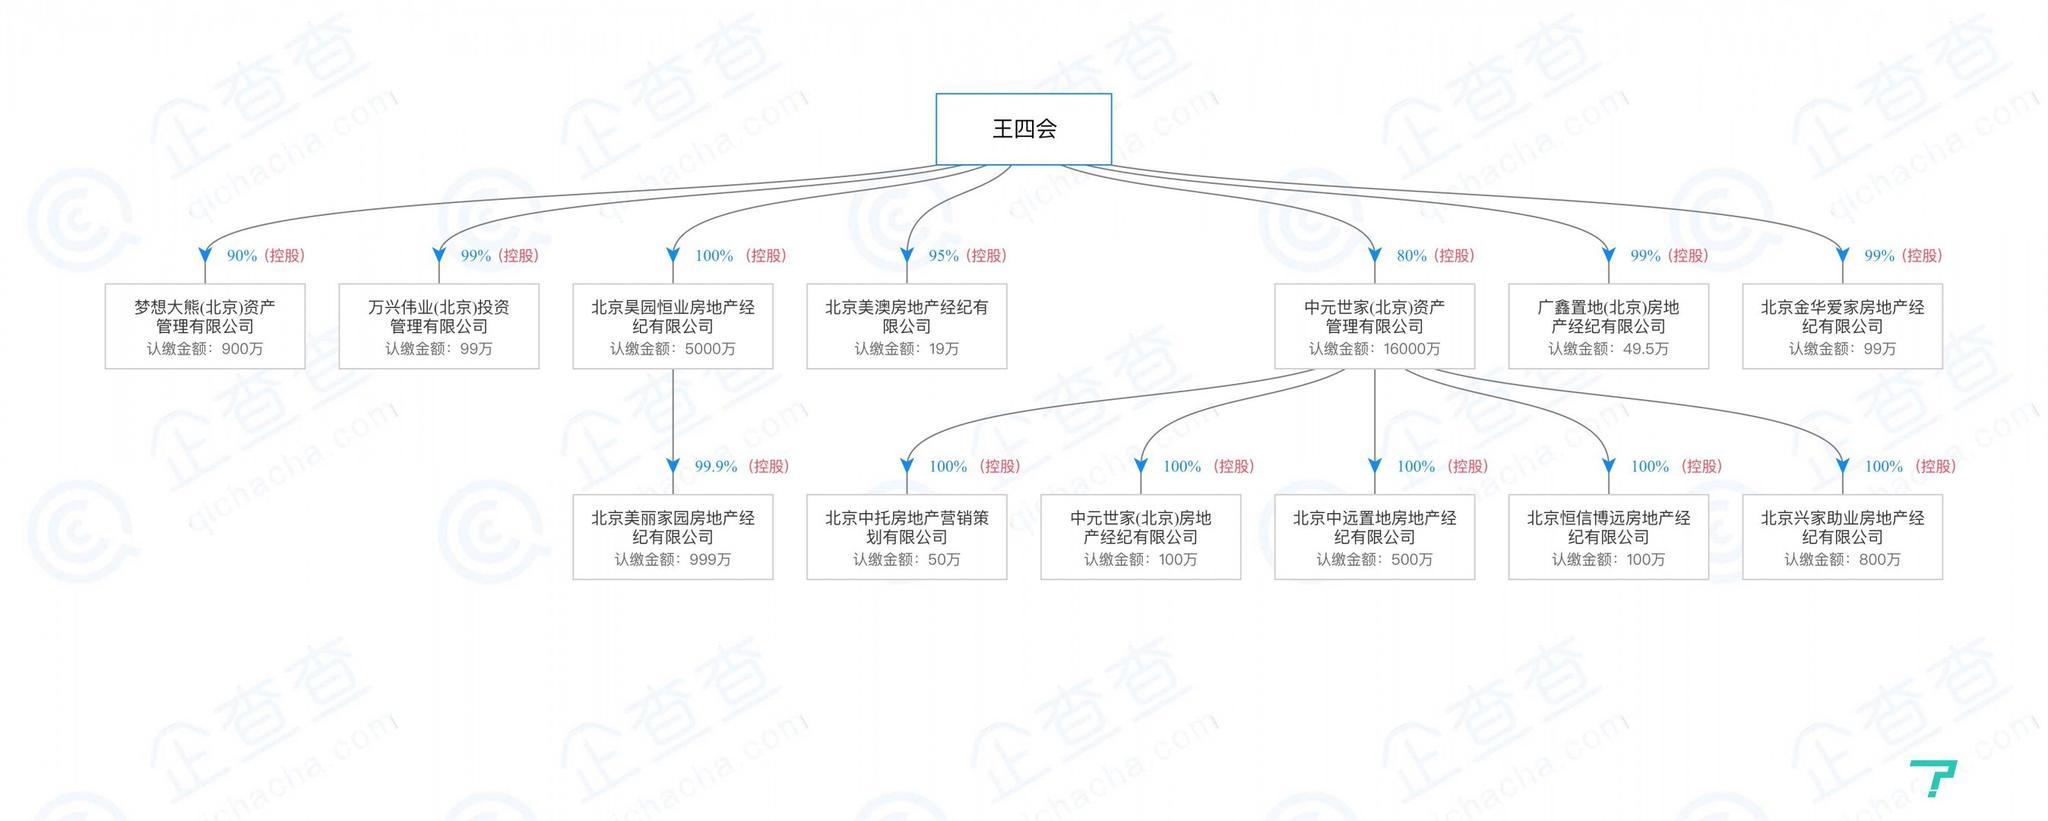 昊园恒业法人王四会控股企业 来源:企查查